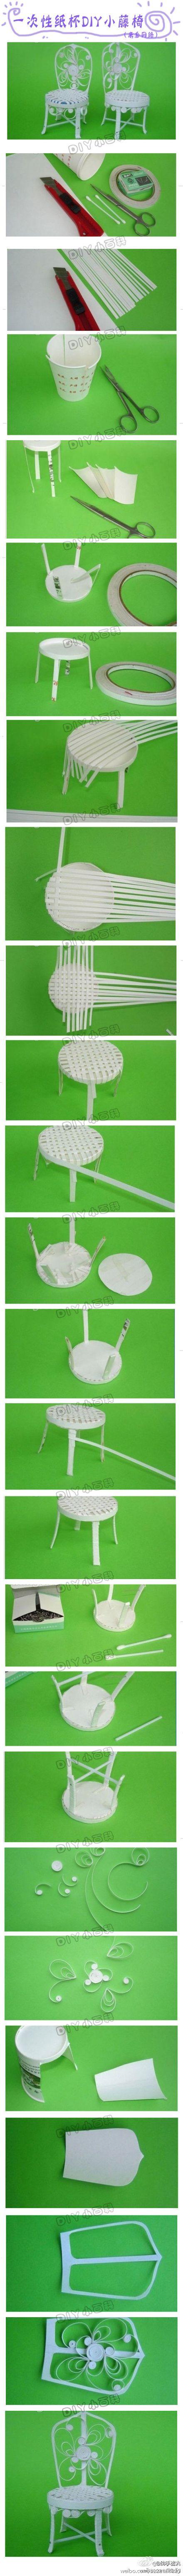 كيف تصنعين كرسي صغير للديكور من الورق بنفسك 4fbcc8079a5538b5399a